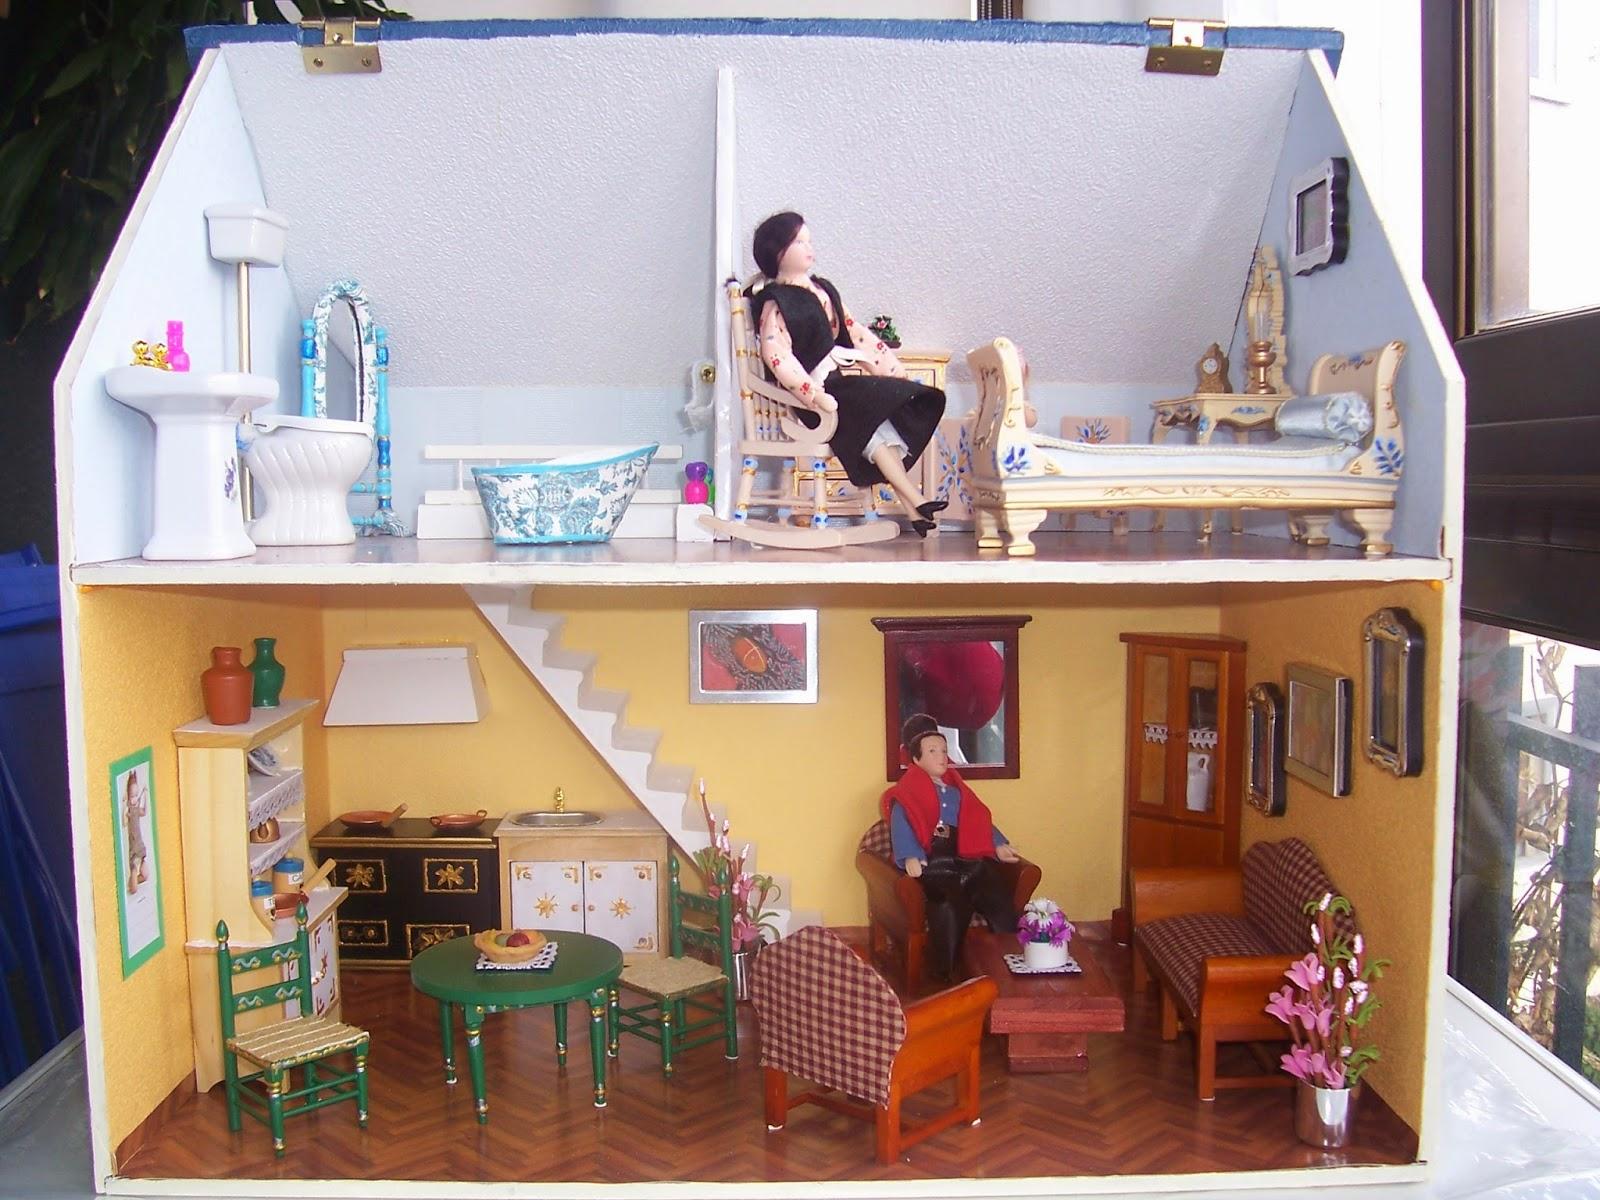 Asombroso Miniatura Cuadro Enmarca Reino Unido Elaboración - Ideas ...